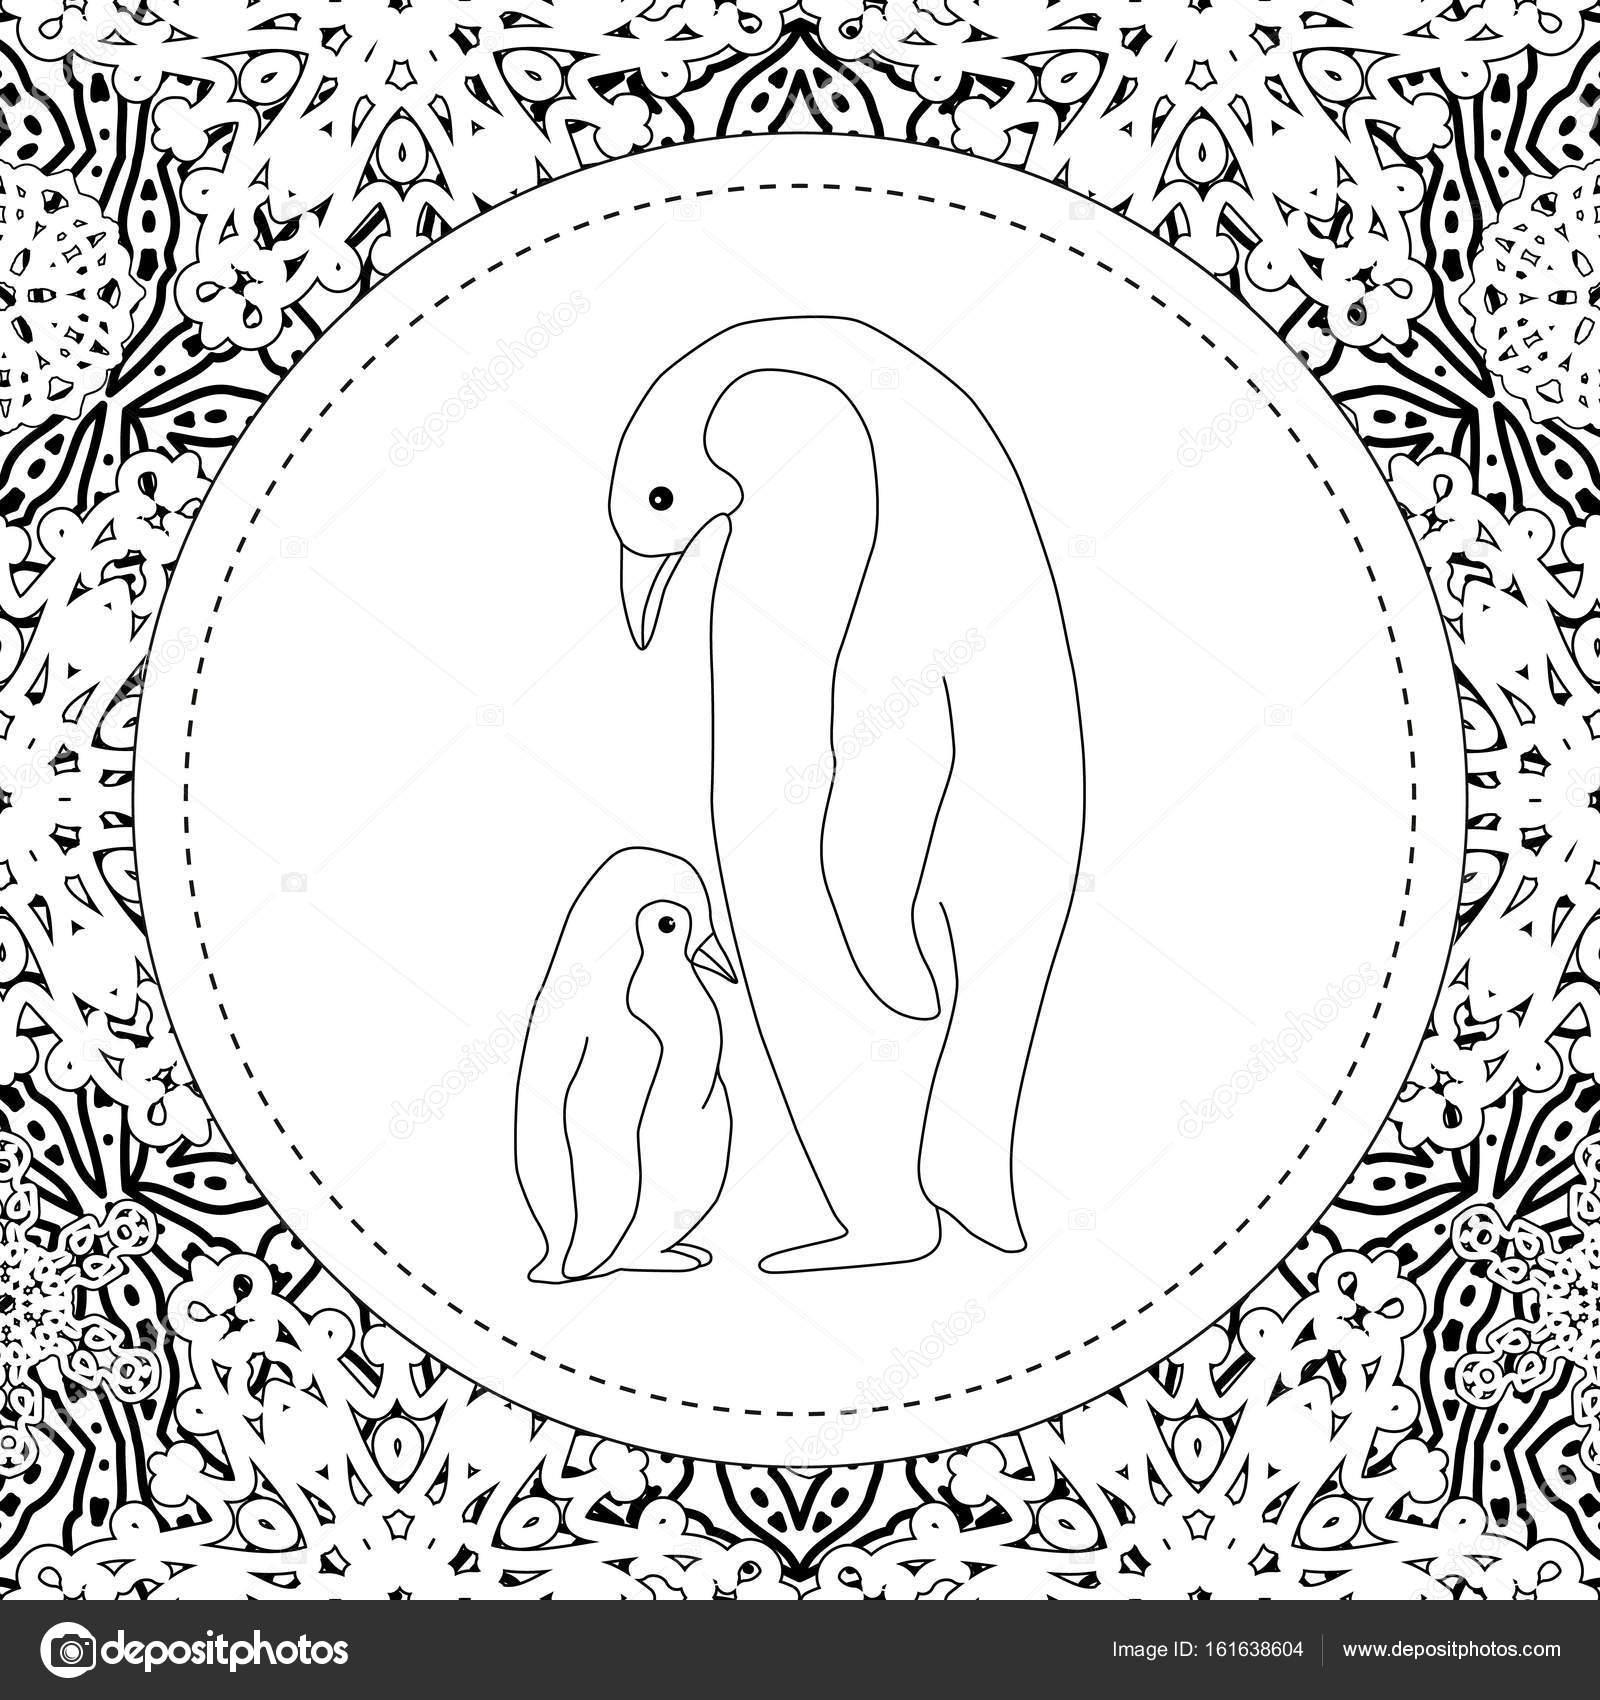 Dibujos para colorear. Mamá pingüino se encuentra con su pequeño ...